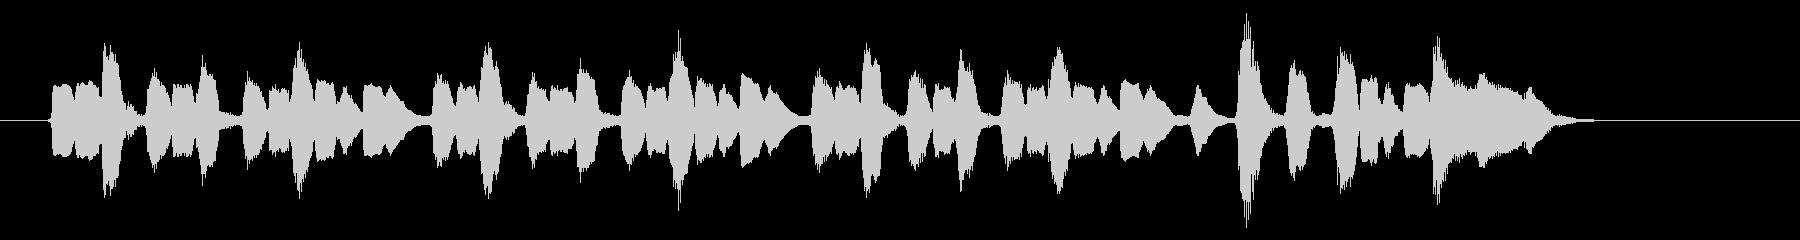 サックス&ストリングスによるジングルの未再生の波形